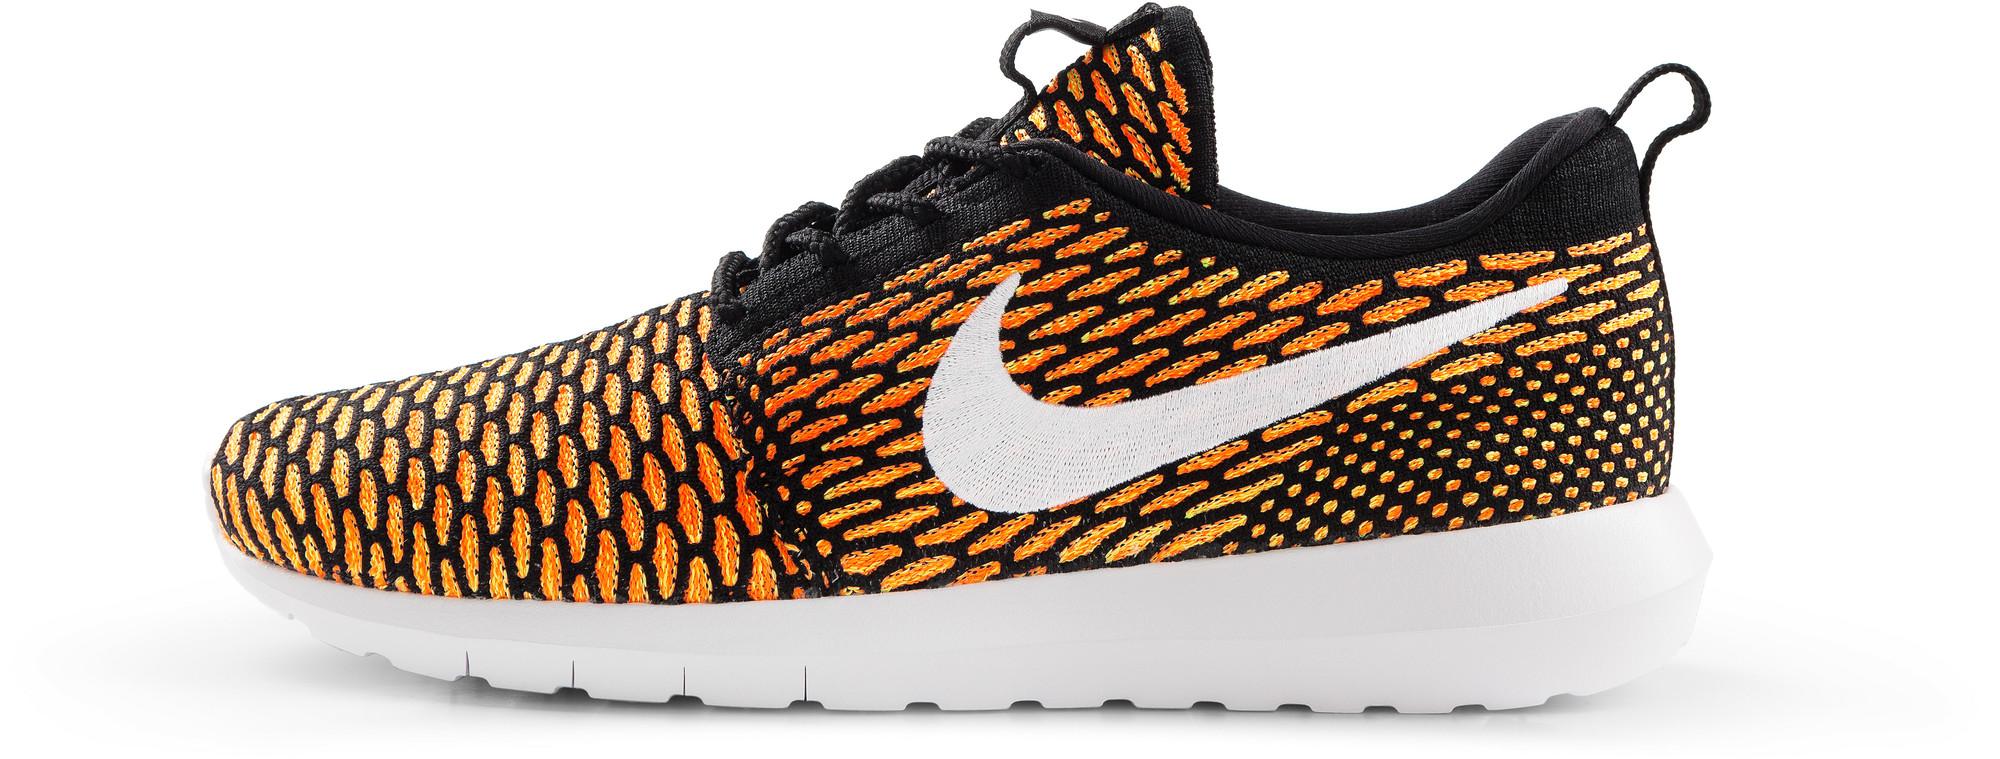 RS114926_Foot Locker_Nike_Roshe_NM_Flyknit_black_white_total-orange-lpr